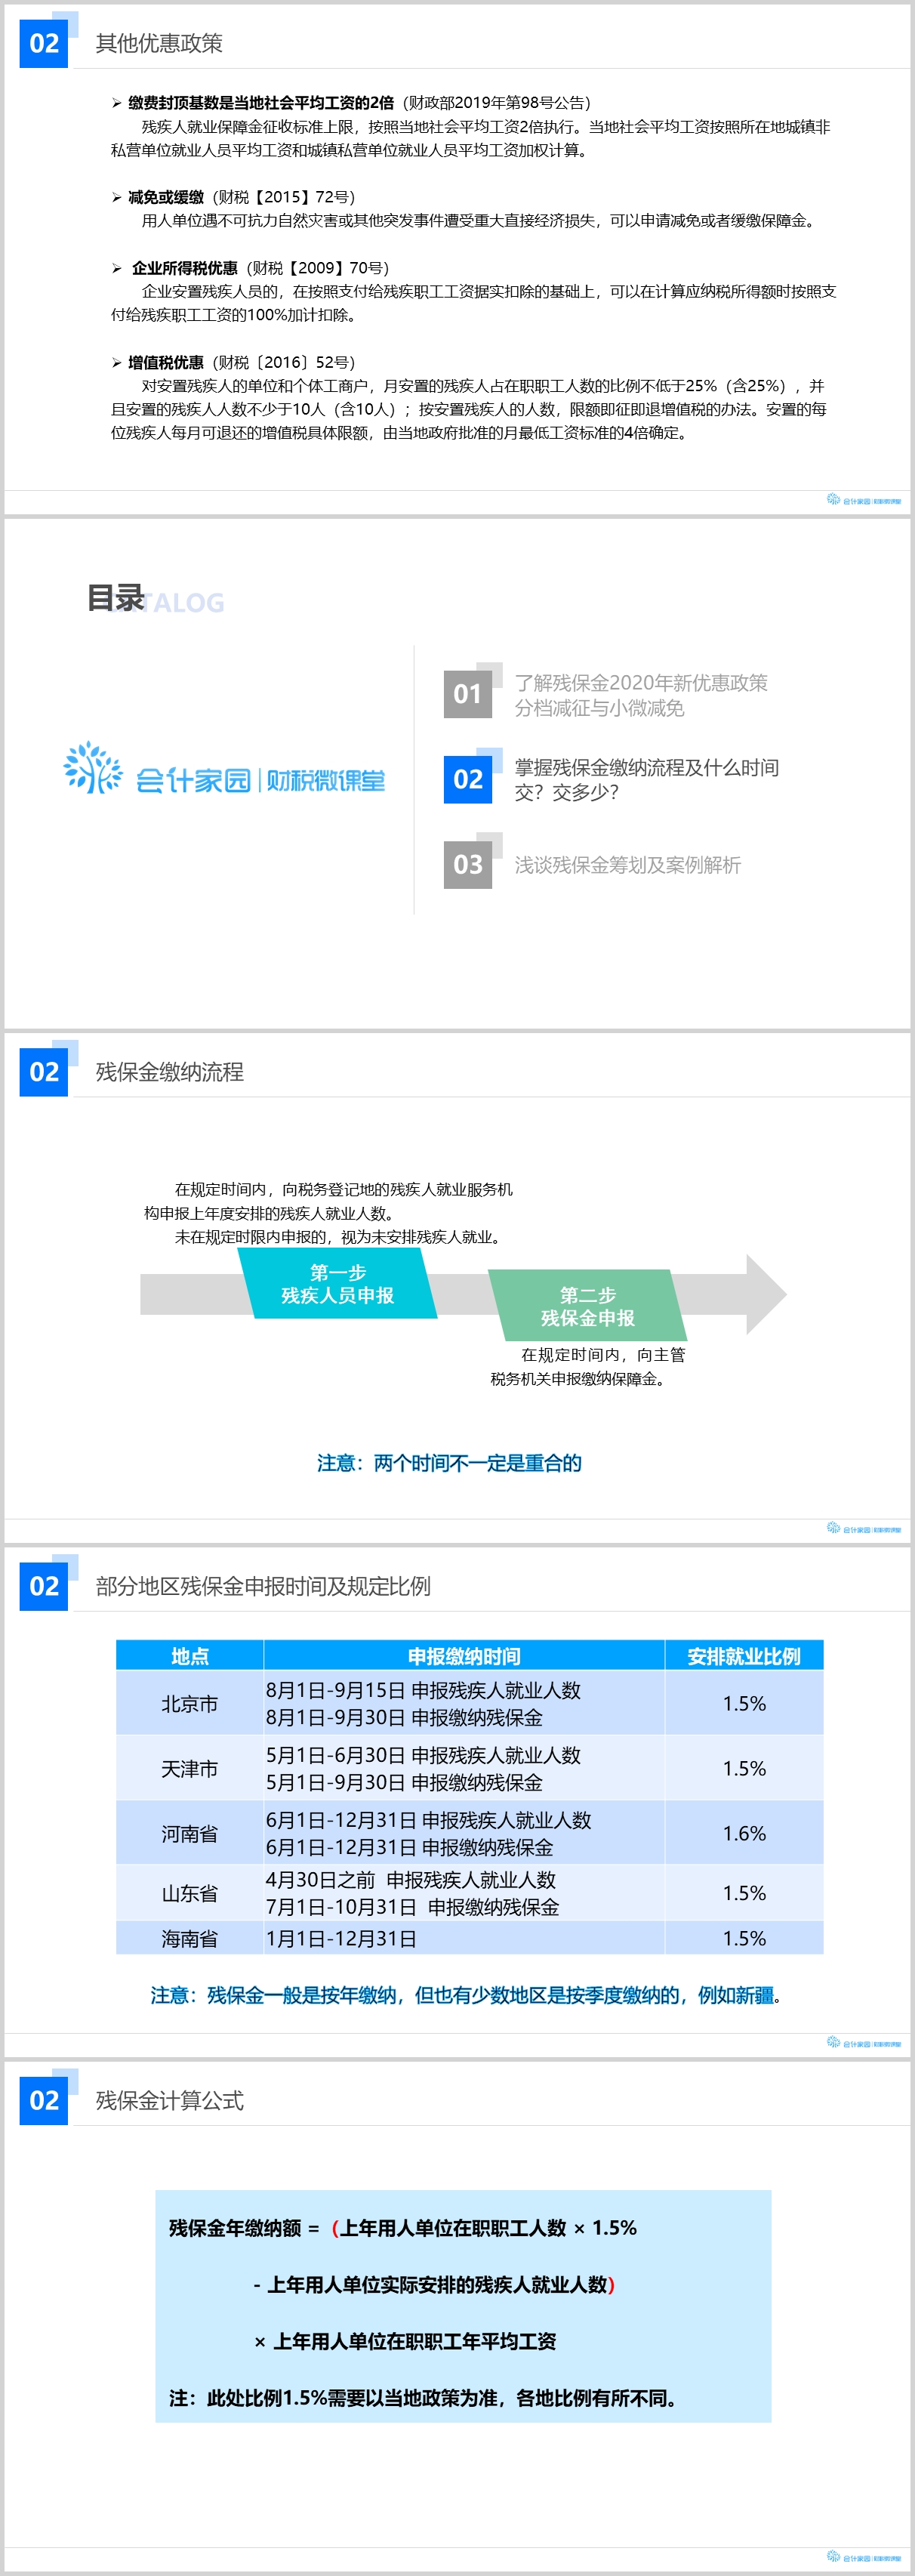 【7-29】听国家政策大变,享小微企业福音 2020年残保金征收详解2.jpg